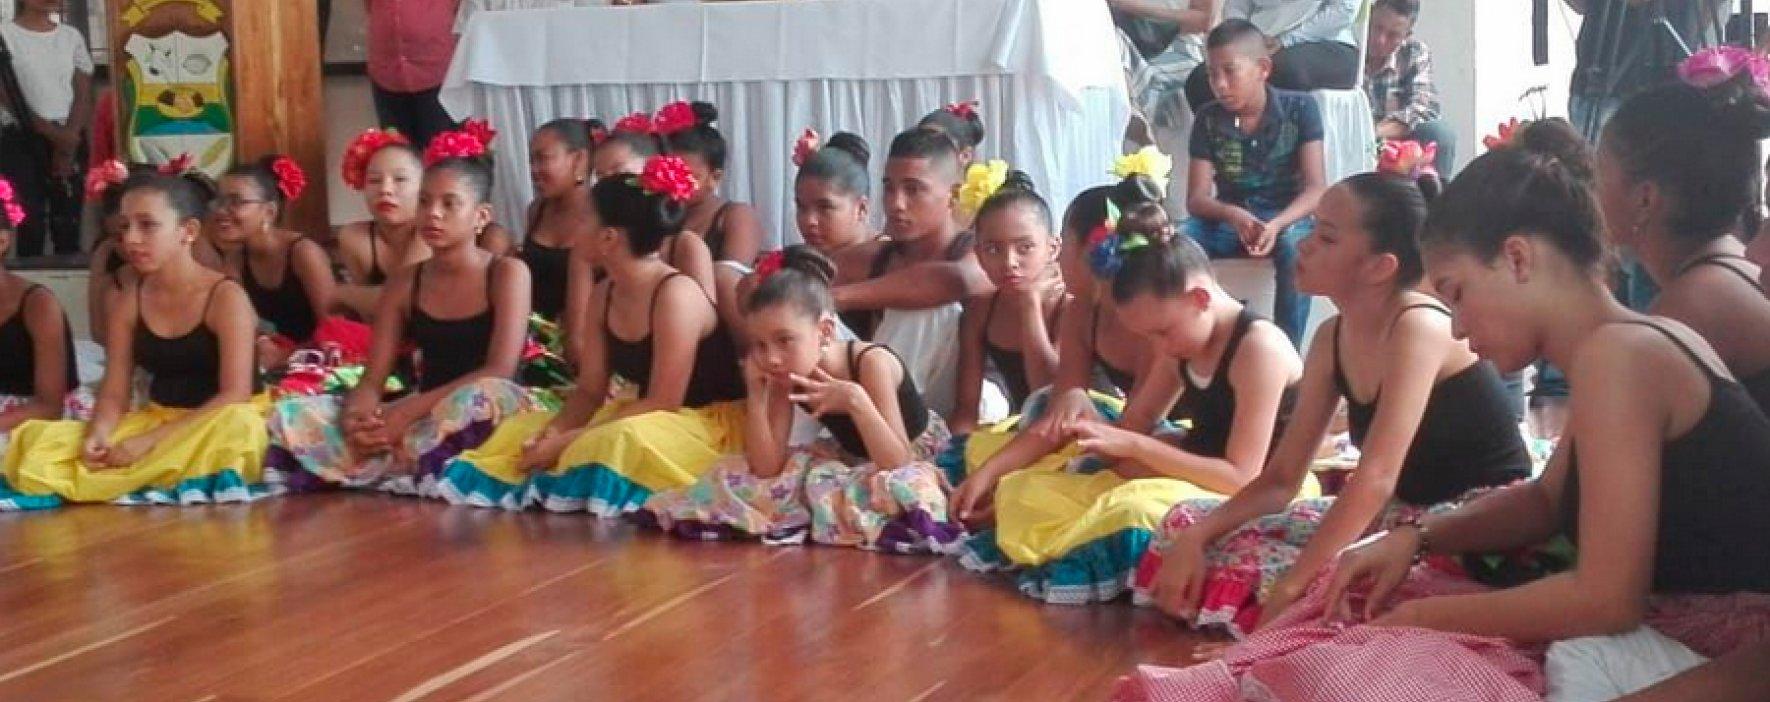 Municipios podrán postular sus salas de danza para recibir adecuación y dotación